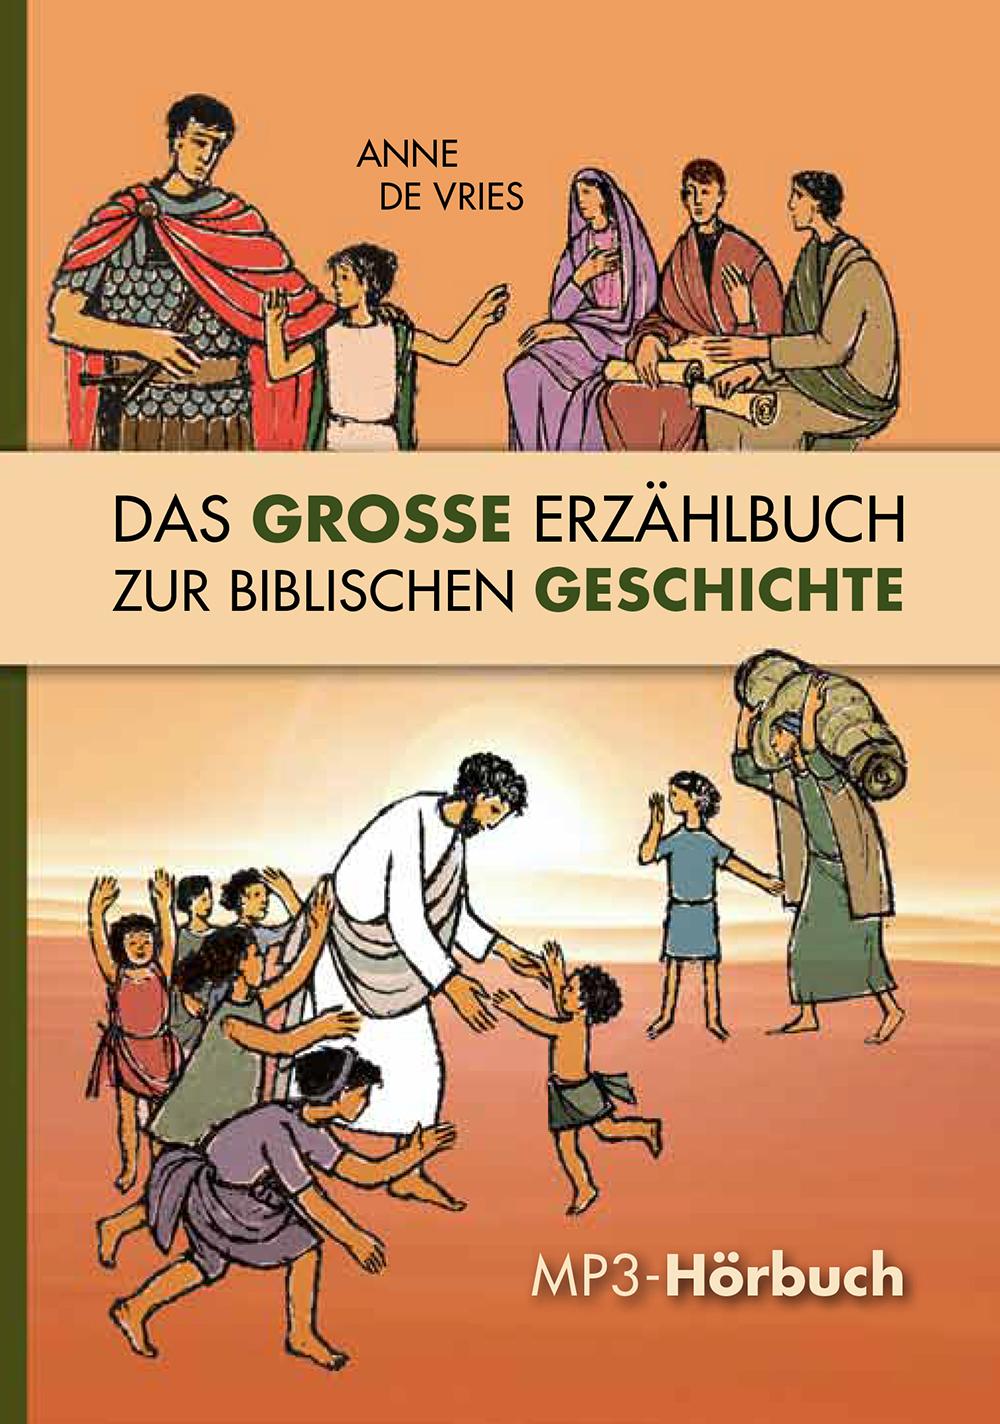 CLV_das-grosse-erzaehlbuch-zur-biblischen-geschichte-hoerbuch-mp3_anne-de-vries_255993_1